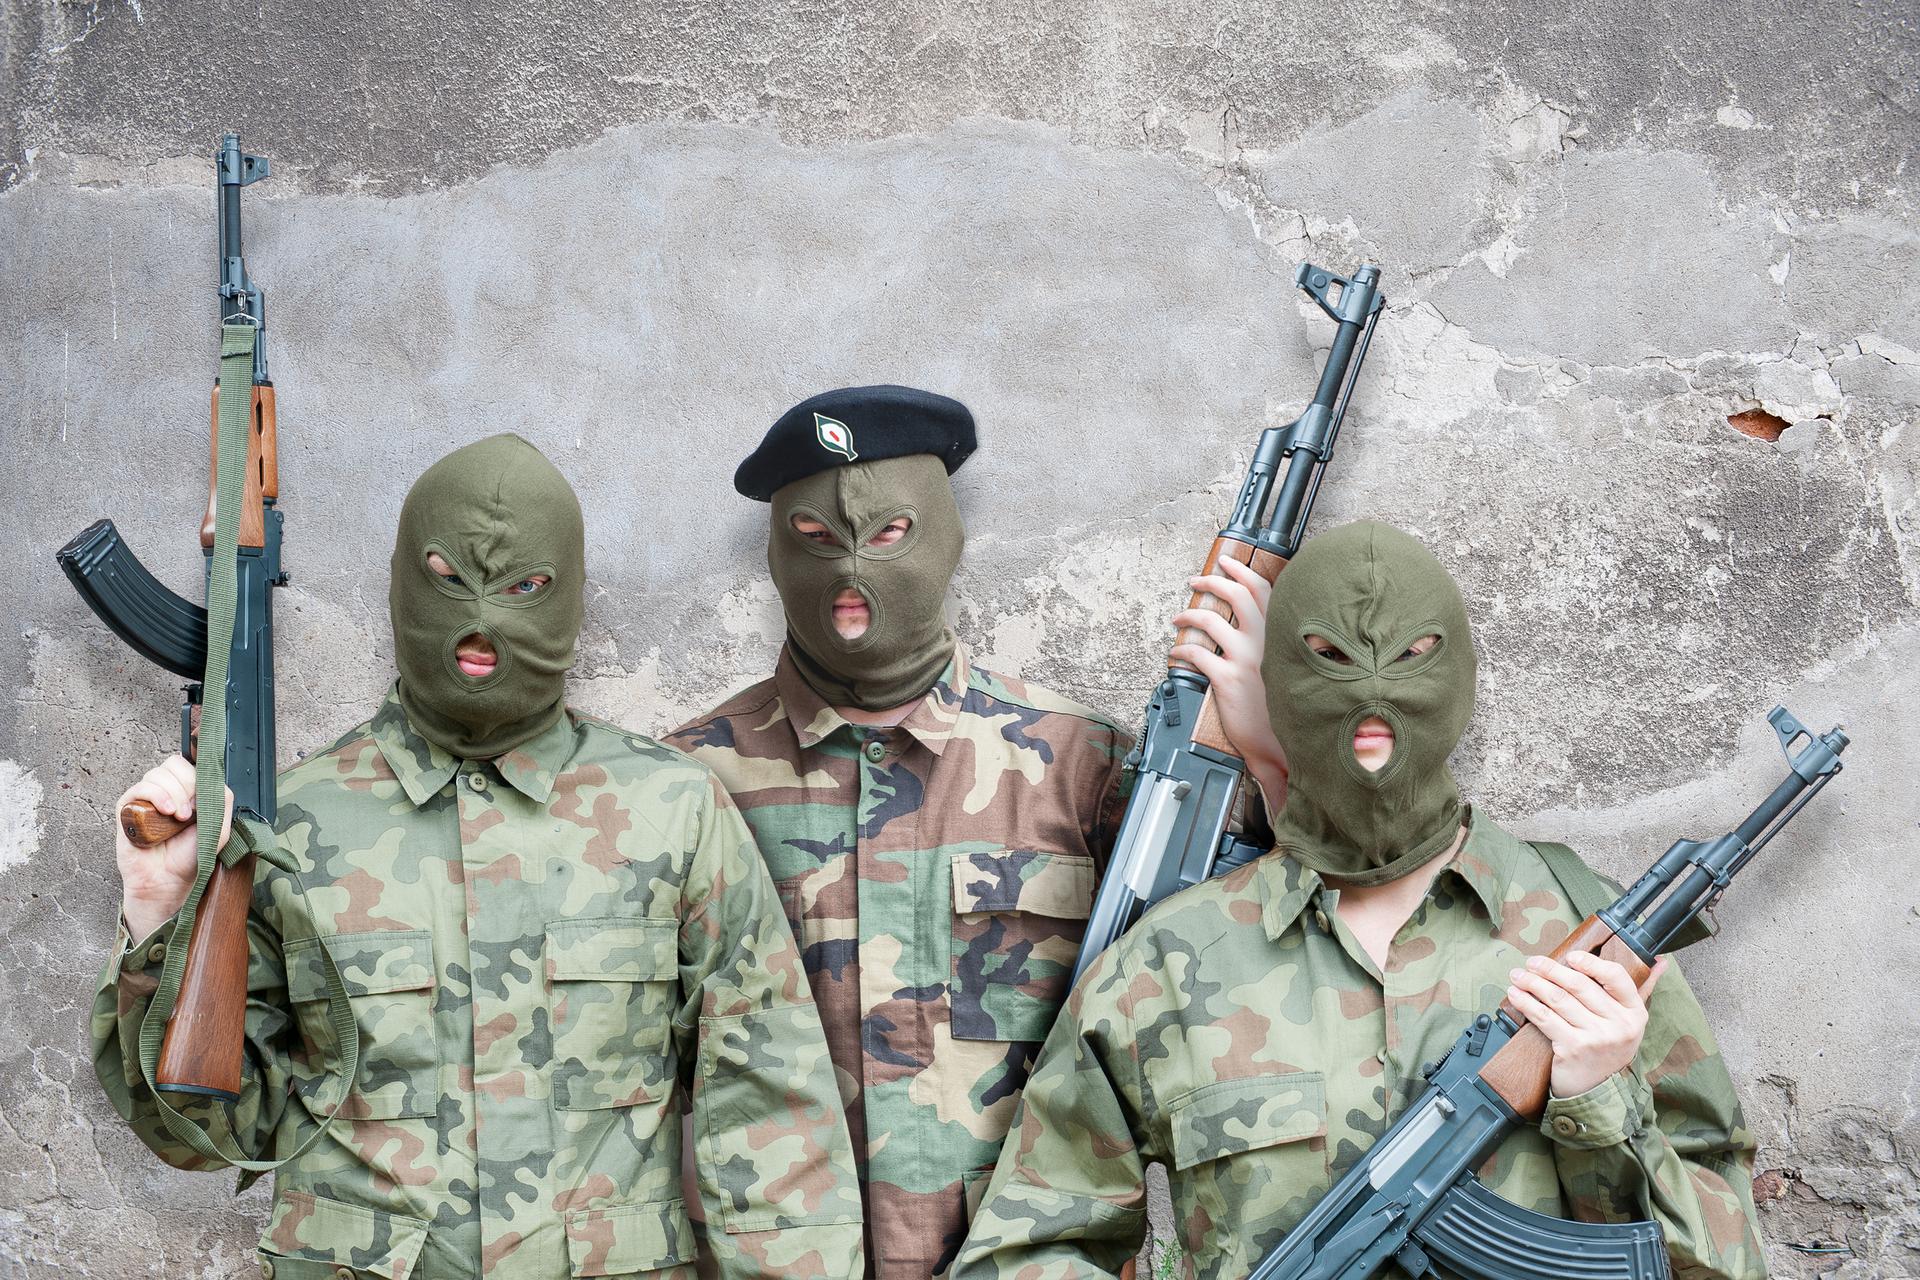 Zdjęcie przedstawia trzech żołnierzy Irlandzkiej Armii Republikańskiej. Żołnierze stoją przodem do obserwatora zdjęcia. Ubrani wwojskowe mundury, na głowach zielone kominiarki. Każdy trzyma karabin. Lufy karabinów skierowane do góry. Żołnierz stojący ztyłu, pomiędzy dwoma zprzodu, ma na głowie czarny beret.